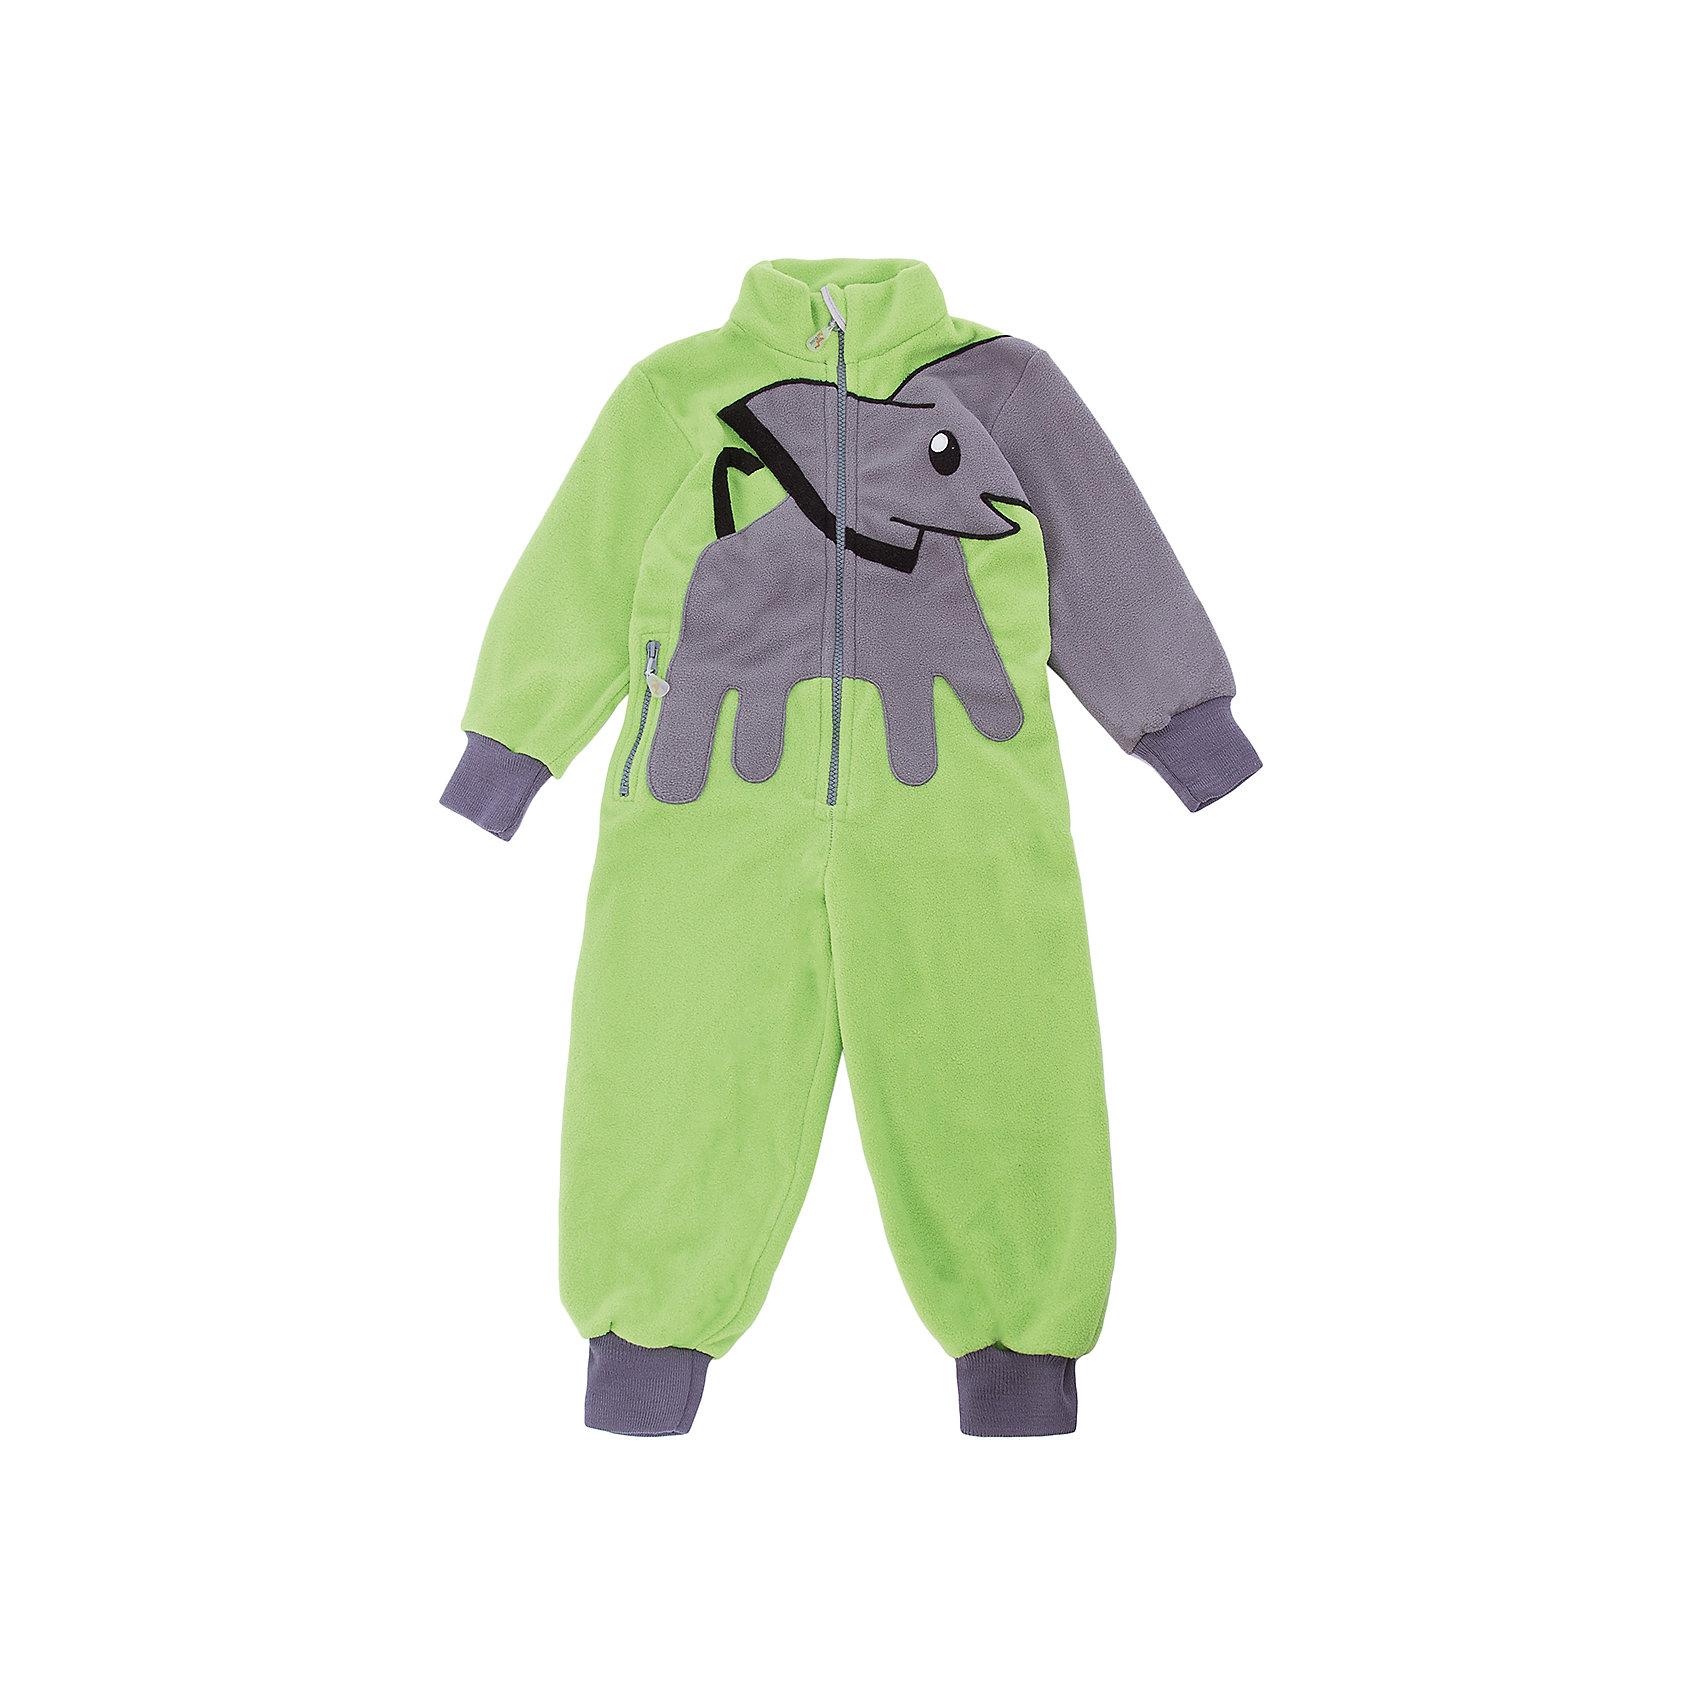 Комбинезон Слон ЛисФлис для мальчикаФлис и термобелье<br>Характеристики товара:<br><br>• цвет: салатовый;<br>• состав: 100% полиэстер, флис (280 гр);<br>• сезон: зима ;<br>• застежка: молния;<br>• защита подбородка от защемления;<br>• эластичные манжеты на рукавах и брючинах;<br>• резинка на спине для лучшей посадки;<br>• страна бренда: Россия;<br>• страна производства: Россия.<br><br>Флисовый комбинезон на молнии для мальчика. Изделие можно одевать как поддеву (дополнительный утепляющий слой) под мембранную одежду при минусовой температуре. А как самостоятельный элемент одежды (верхний слой) от +10 градусов. Прочная молния комбинезона расстегивается и застегивается одним движением руки. <br><br><br>Комбинезон Слон ЛисФлис для мальчика можно купить в нашем интернет-магазине.<br><br>Ширина мм: 356<br>Глубина мм: 10<br>Высота мм: 245<br>Вес г: 519<br>Цвет: зеленый<br>Возраст от месяцев: 36<br>Возраст до месяцев: 48<br>Пол: Мужской<br>Возраст: Детский<br>Размер: 104,146,80,86,92,98,110,116,122,128,134,140<br>SKU: 7050224